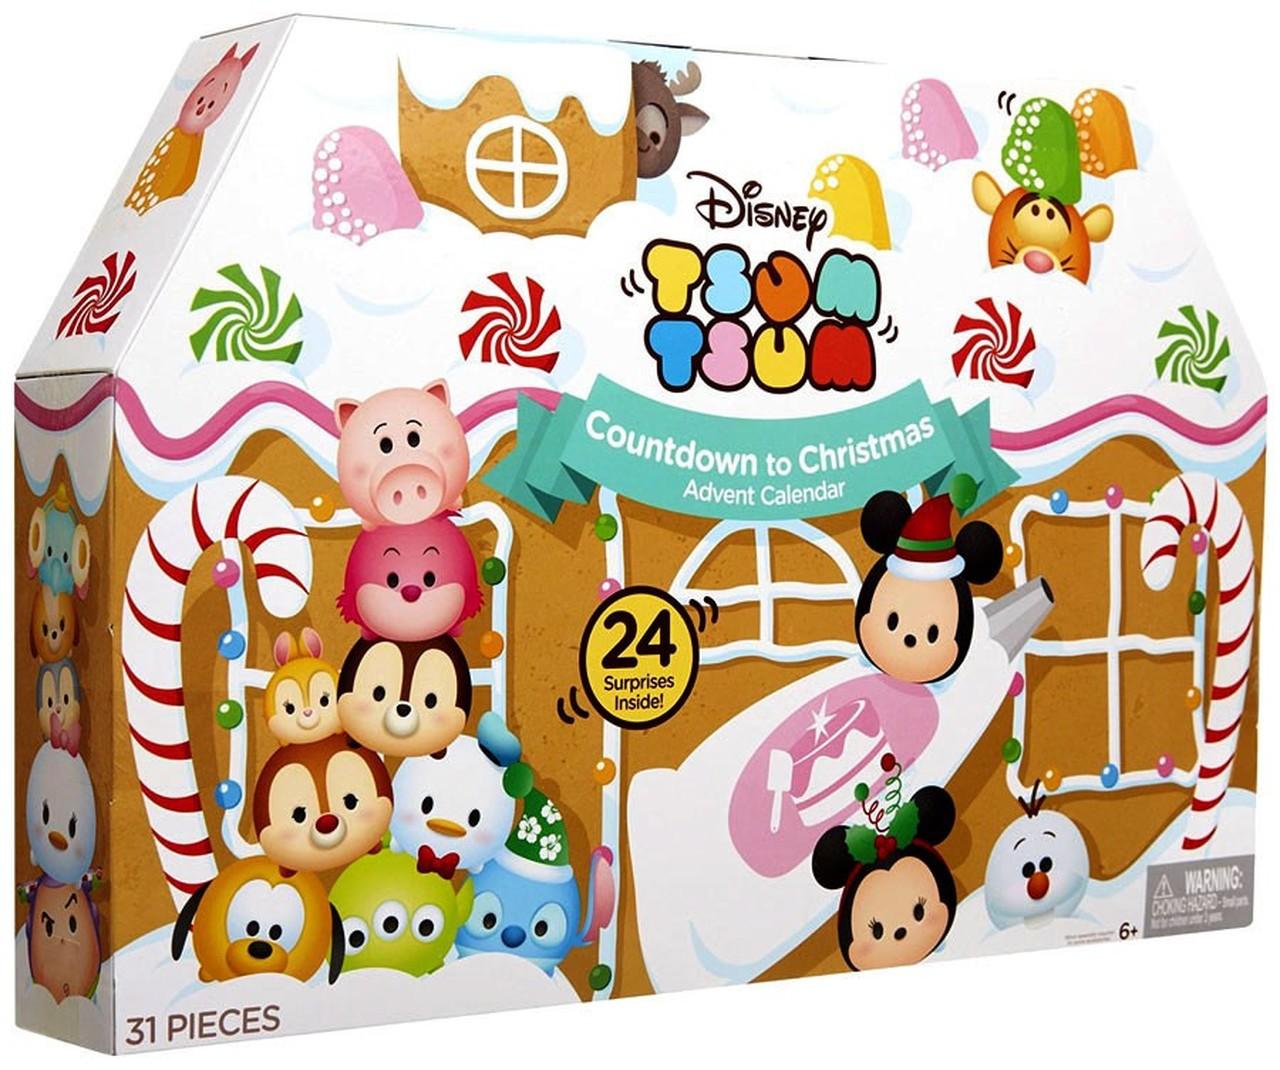 Disney Tsum Tsum 2016 Advent Calendar Set [Countdown to Christmas].